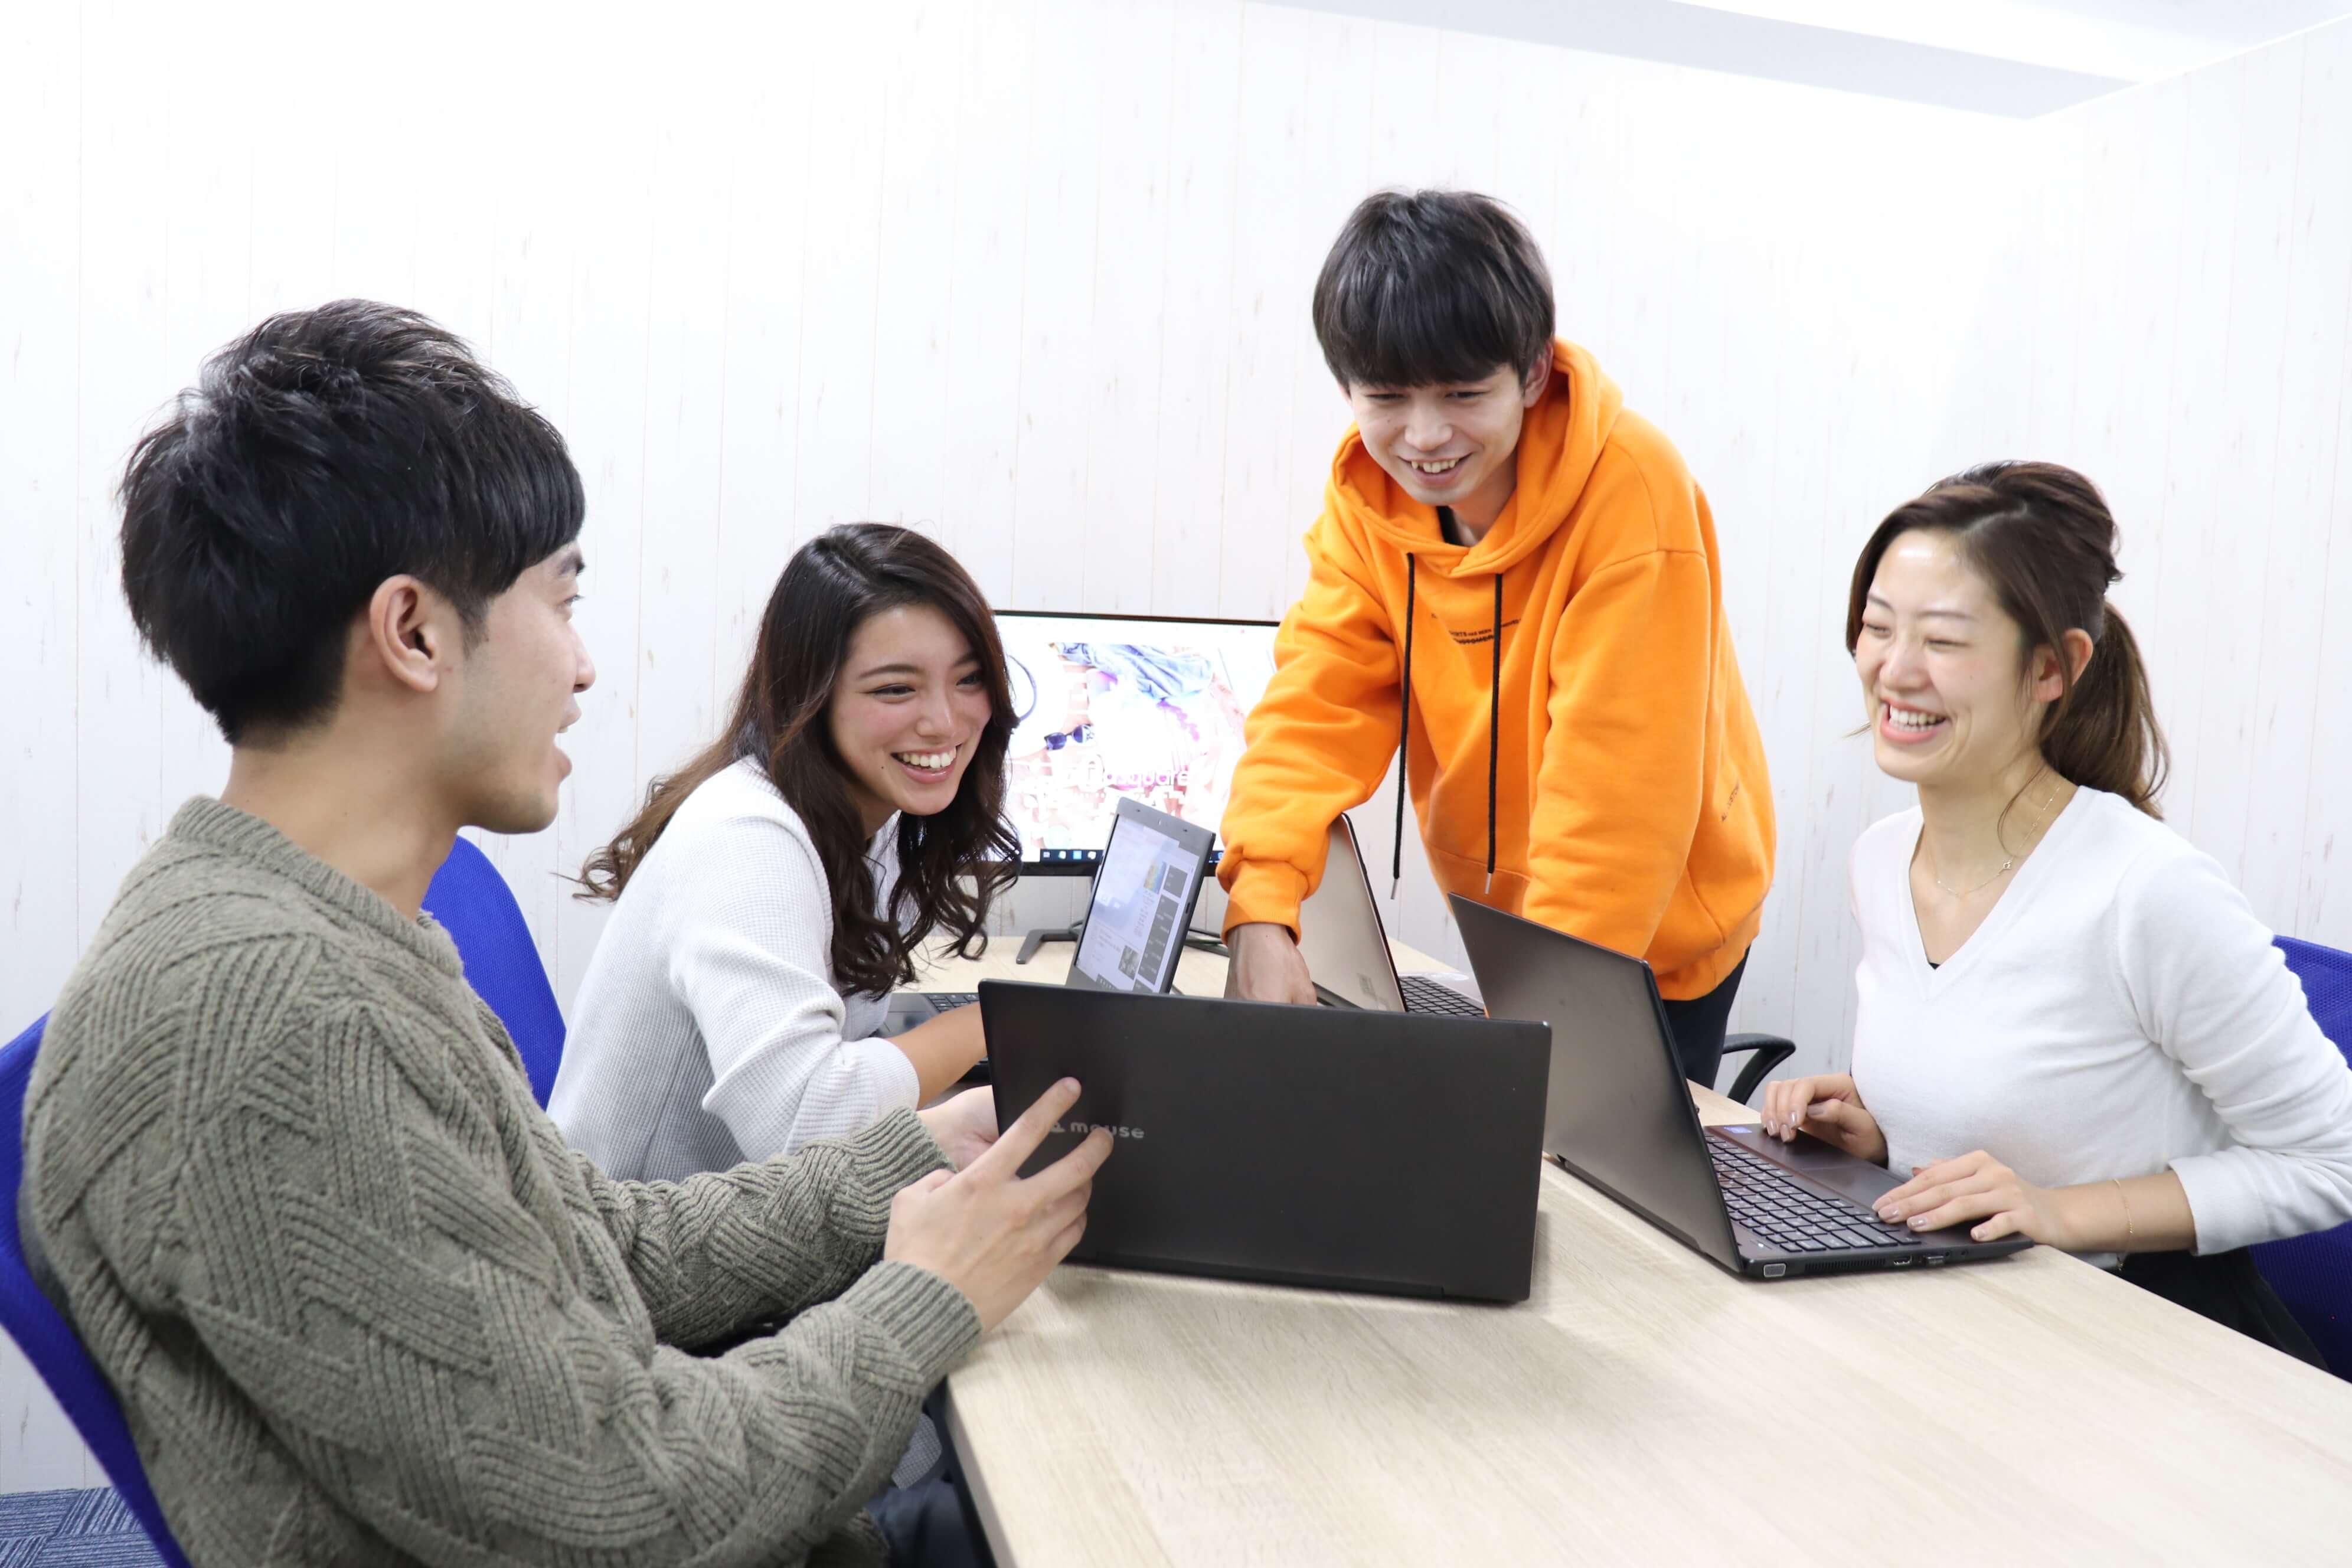 芸能案件多数~事業拡大により【キャスティングスタッフ】募集のカバー写真